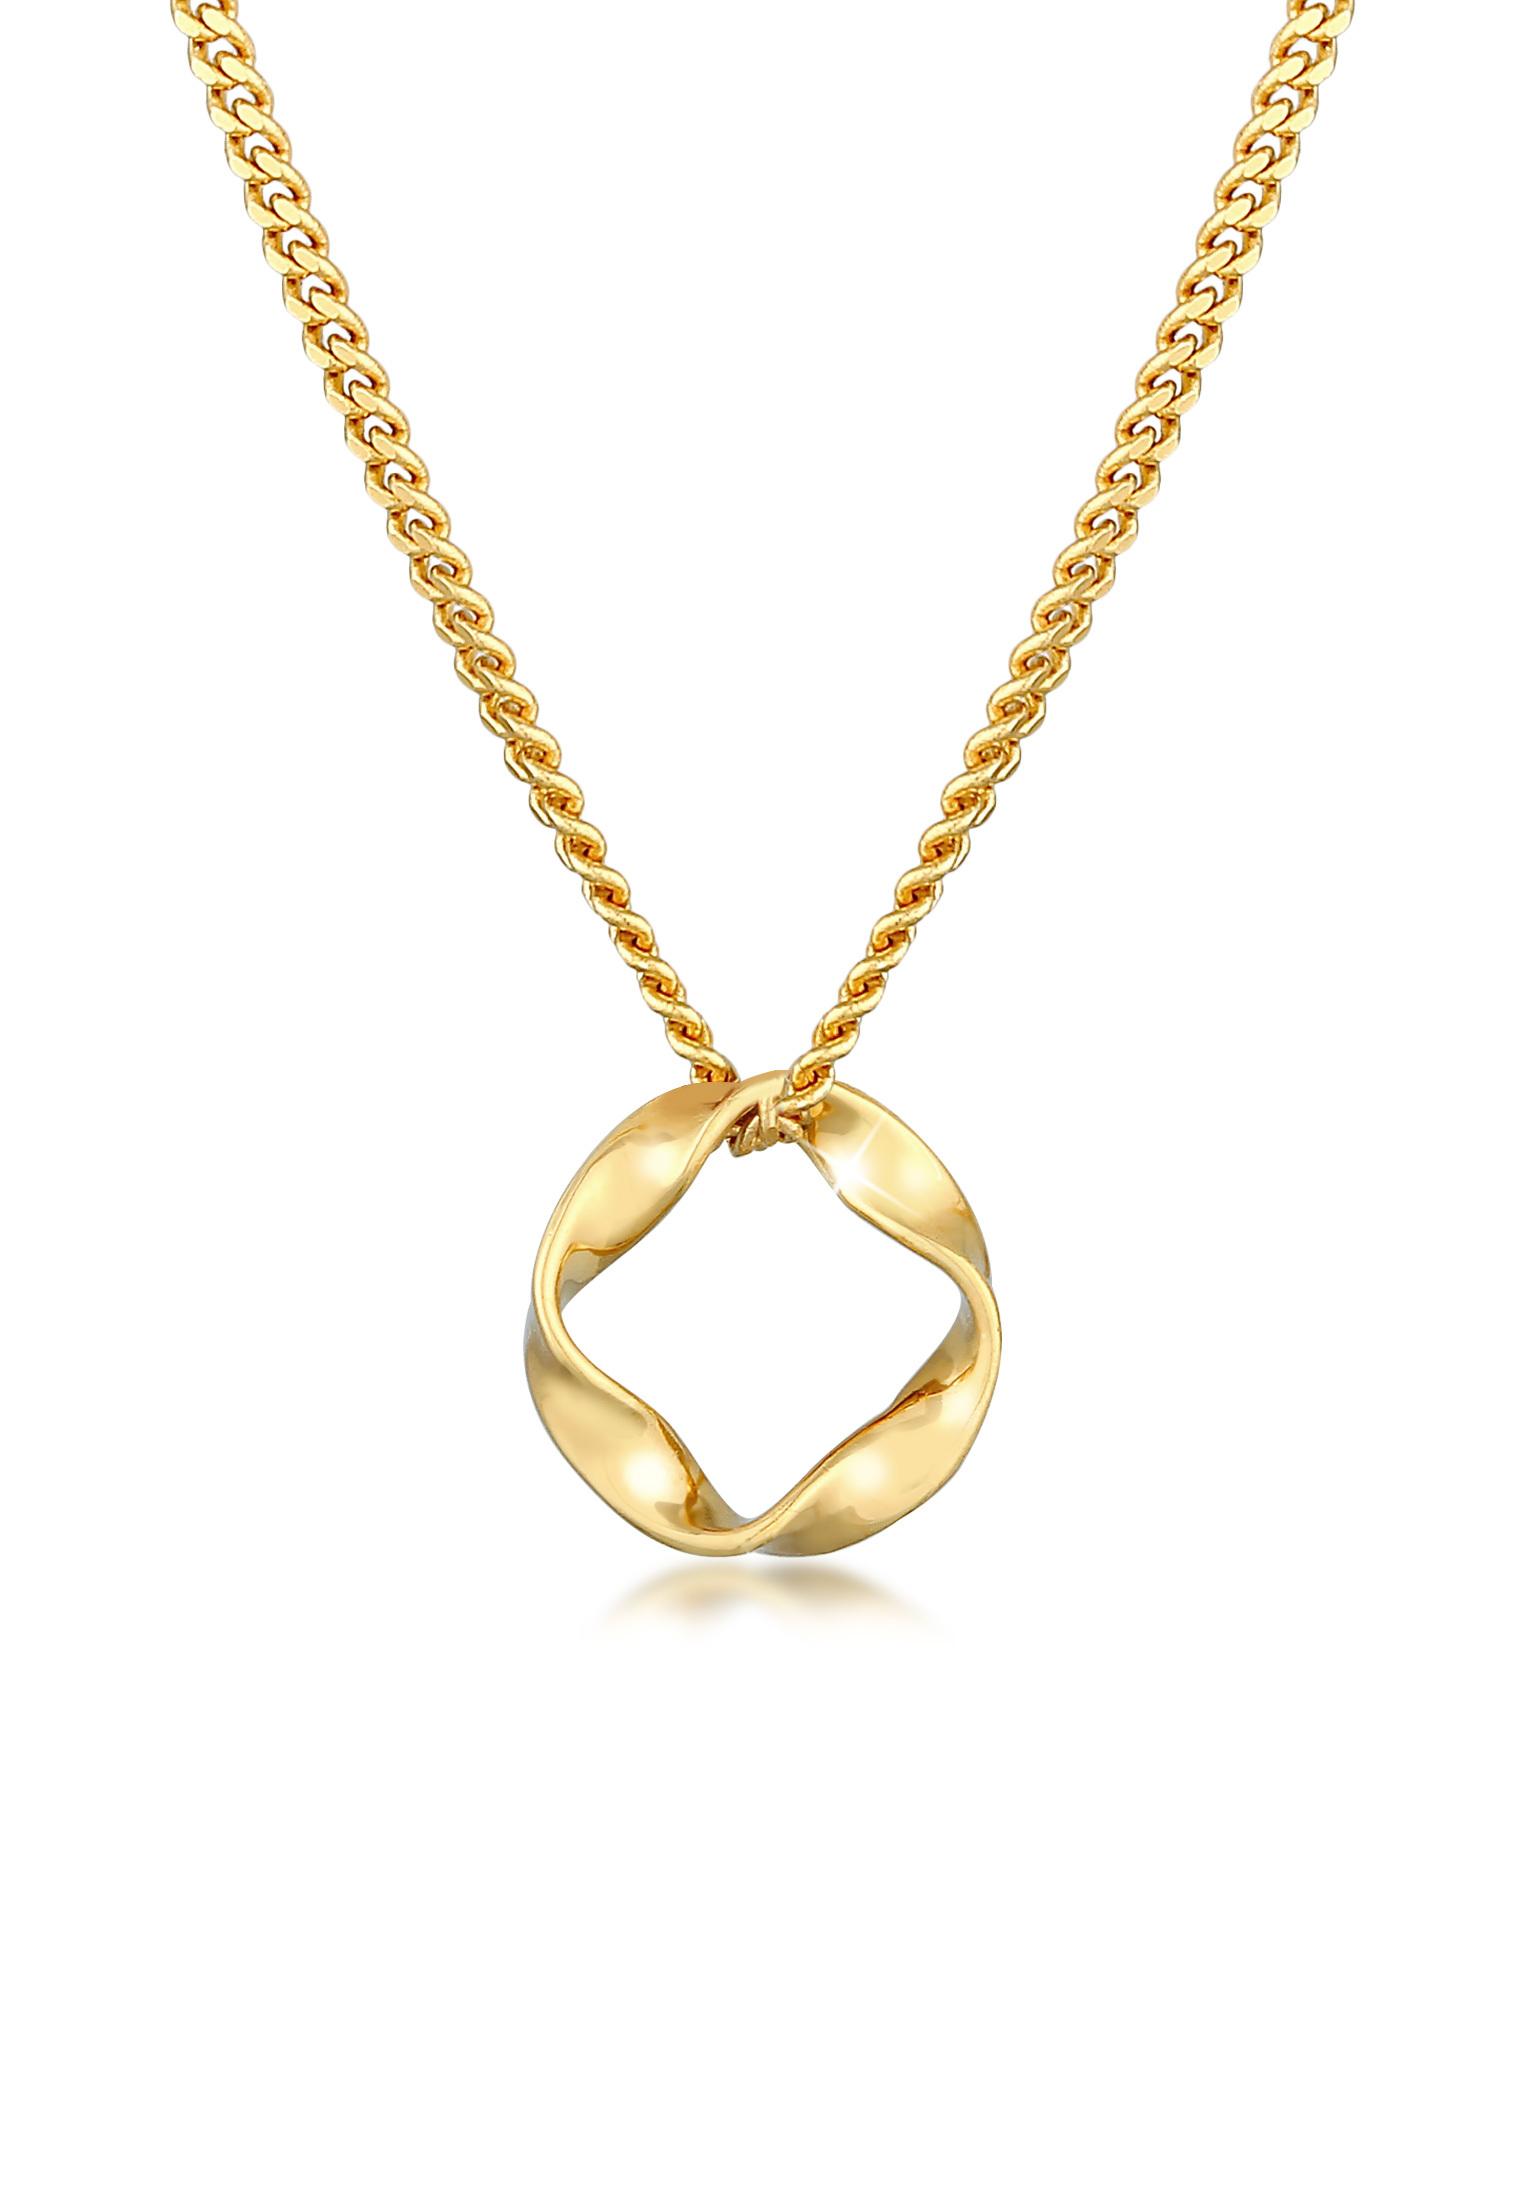 Halskette Kreis Gedreht | 585er Gelbgold